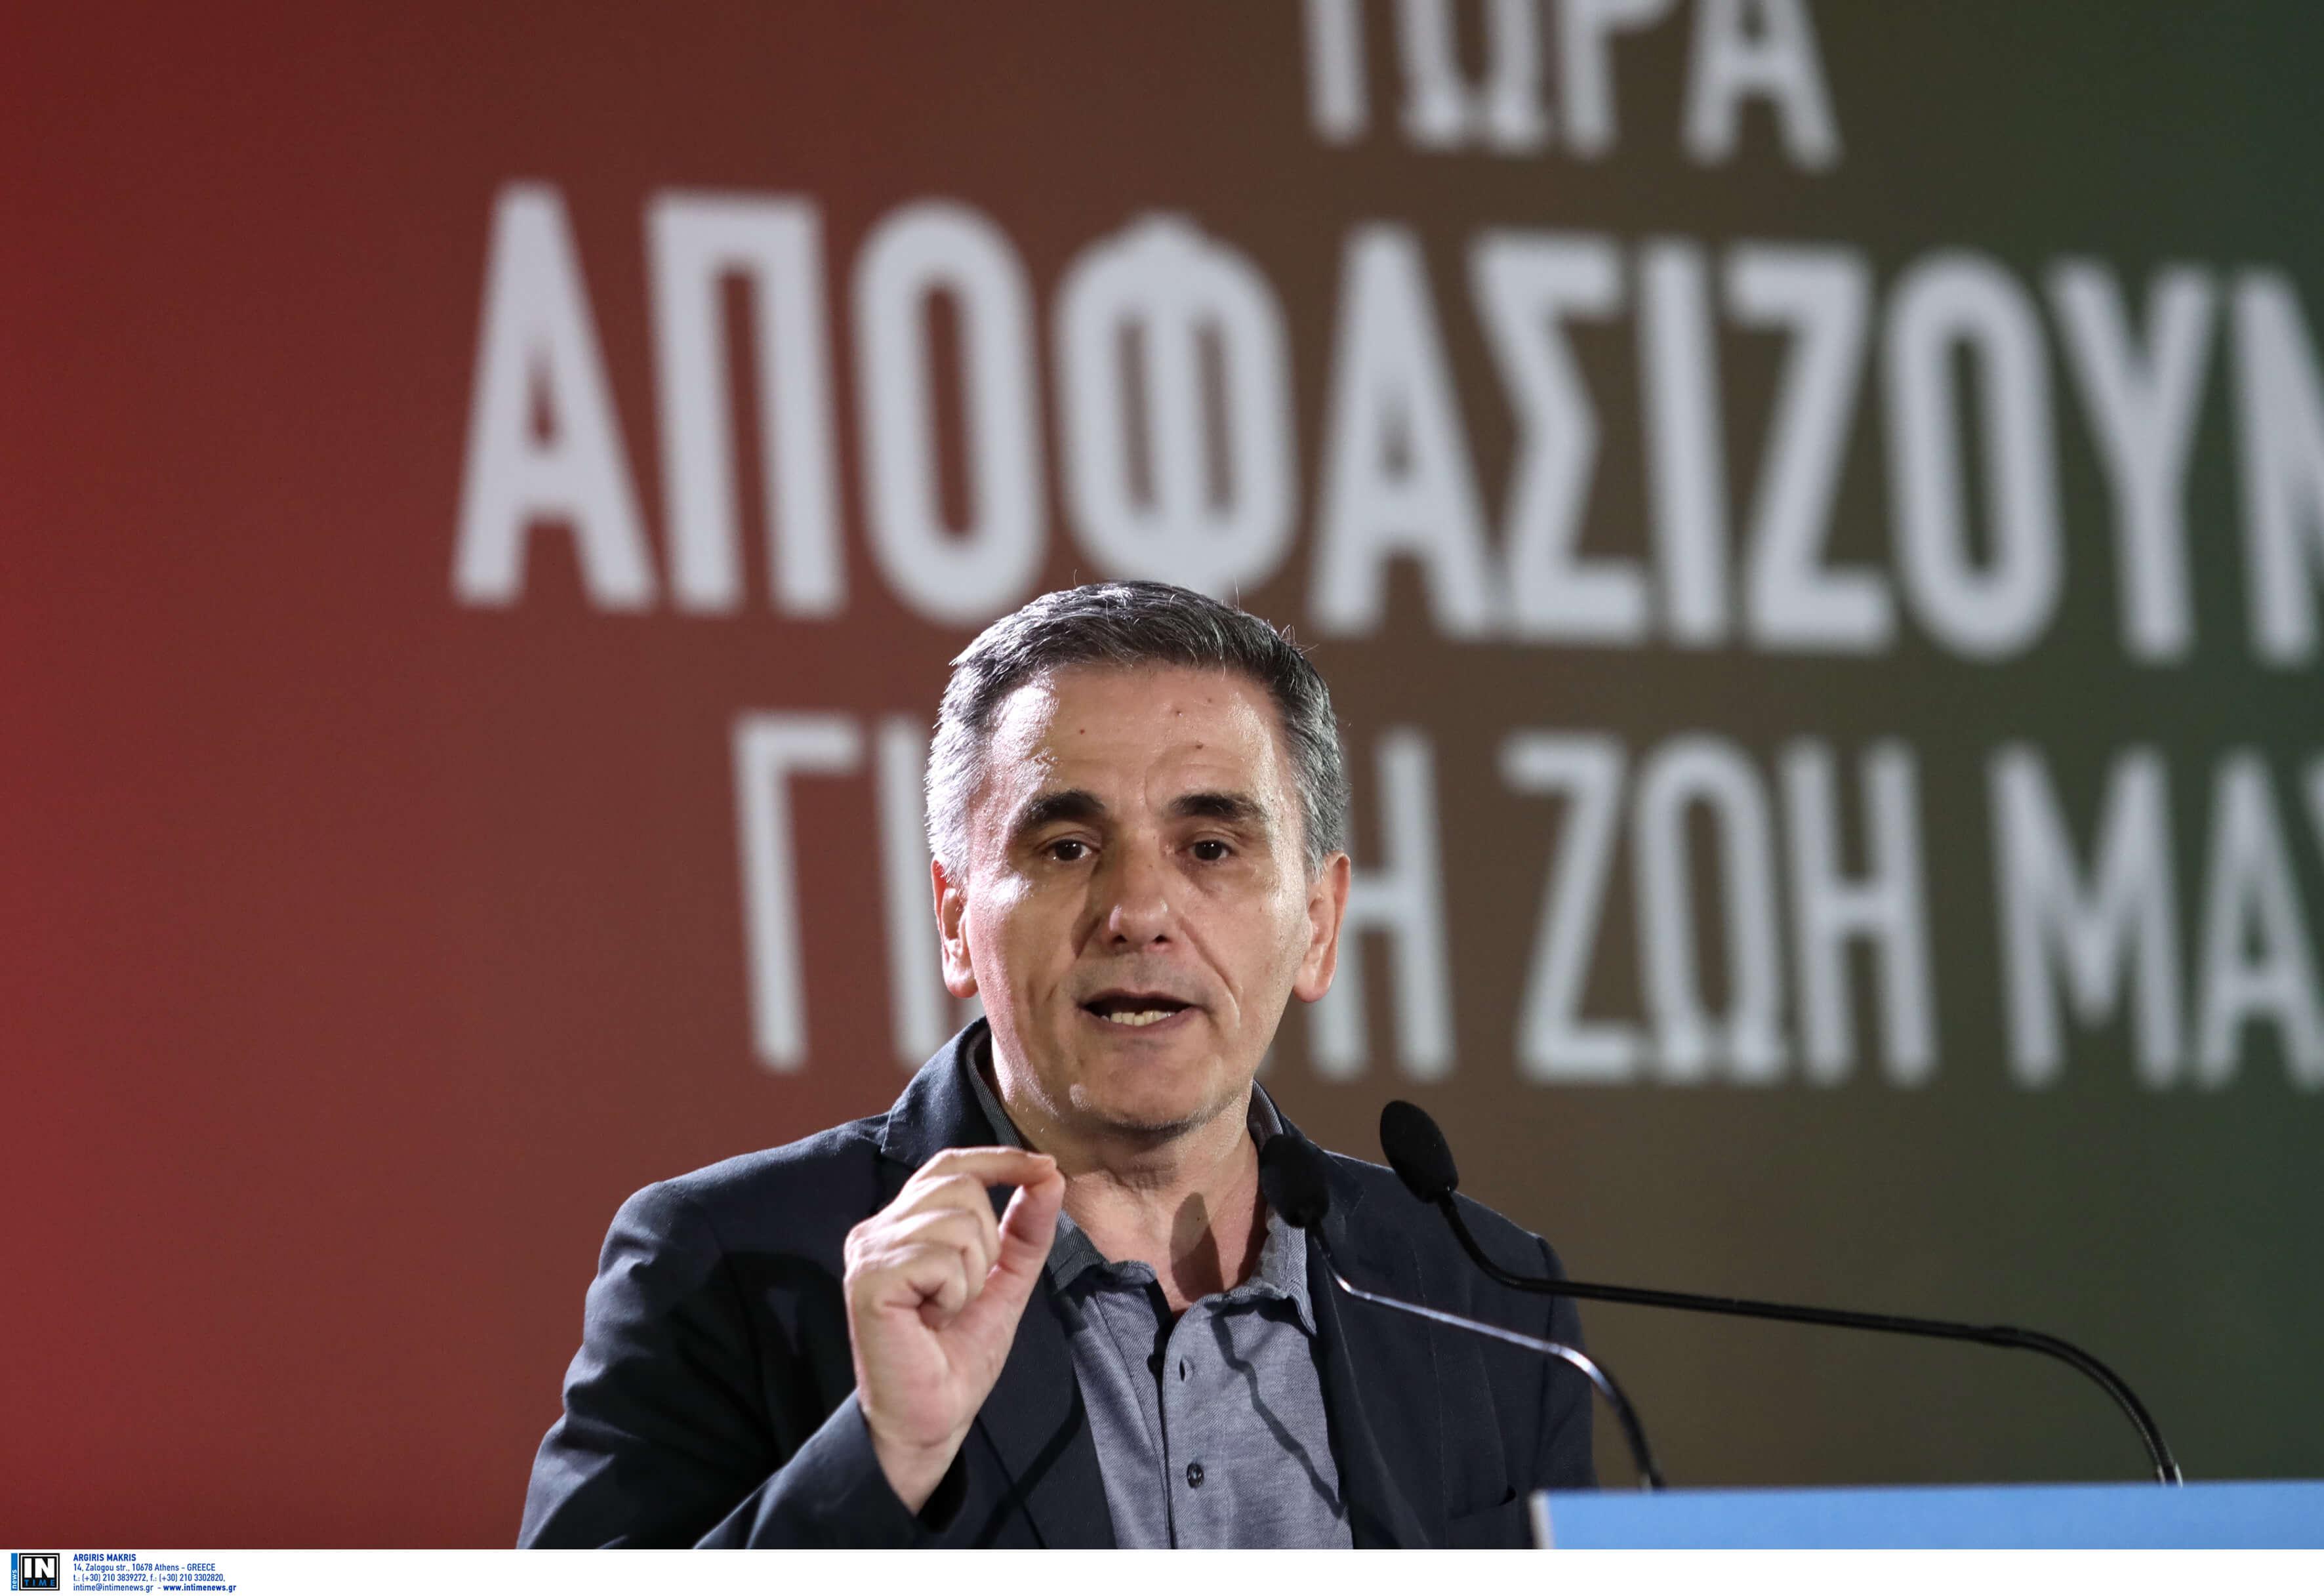 Τσακαλώτος: Αυτοί είναι οι εννιά βασικοί άξονες για δικαιότερη φορολογία